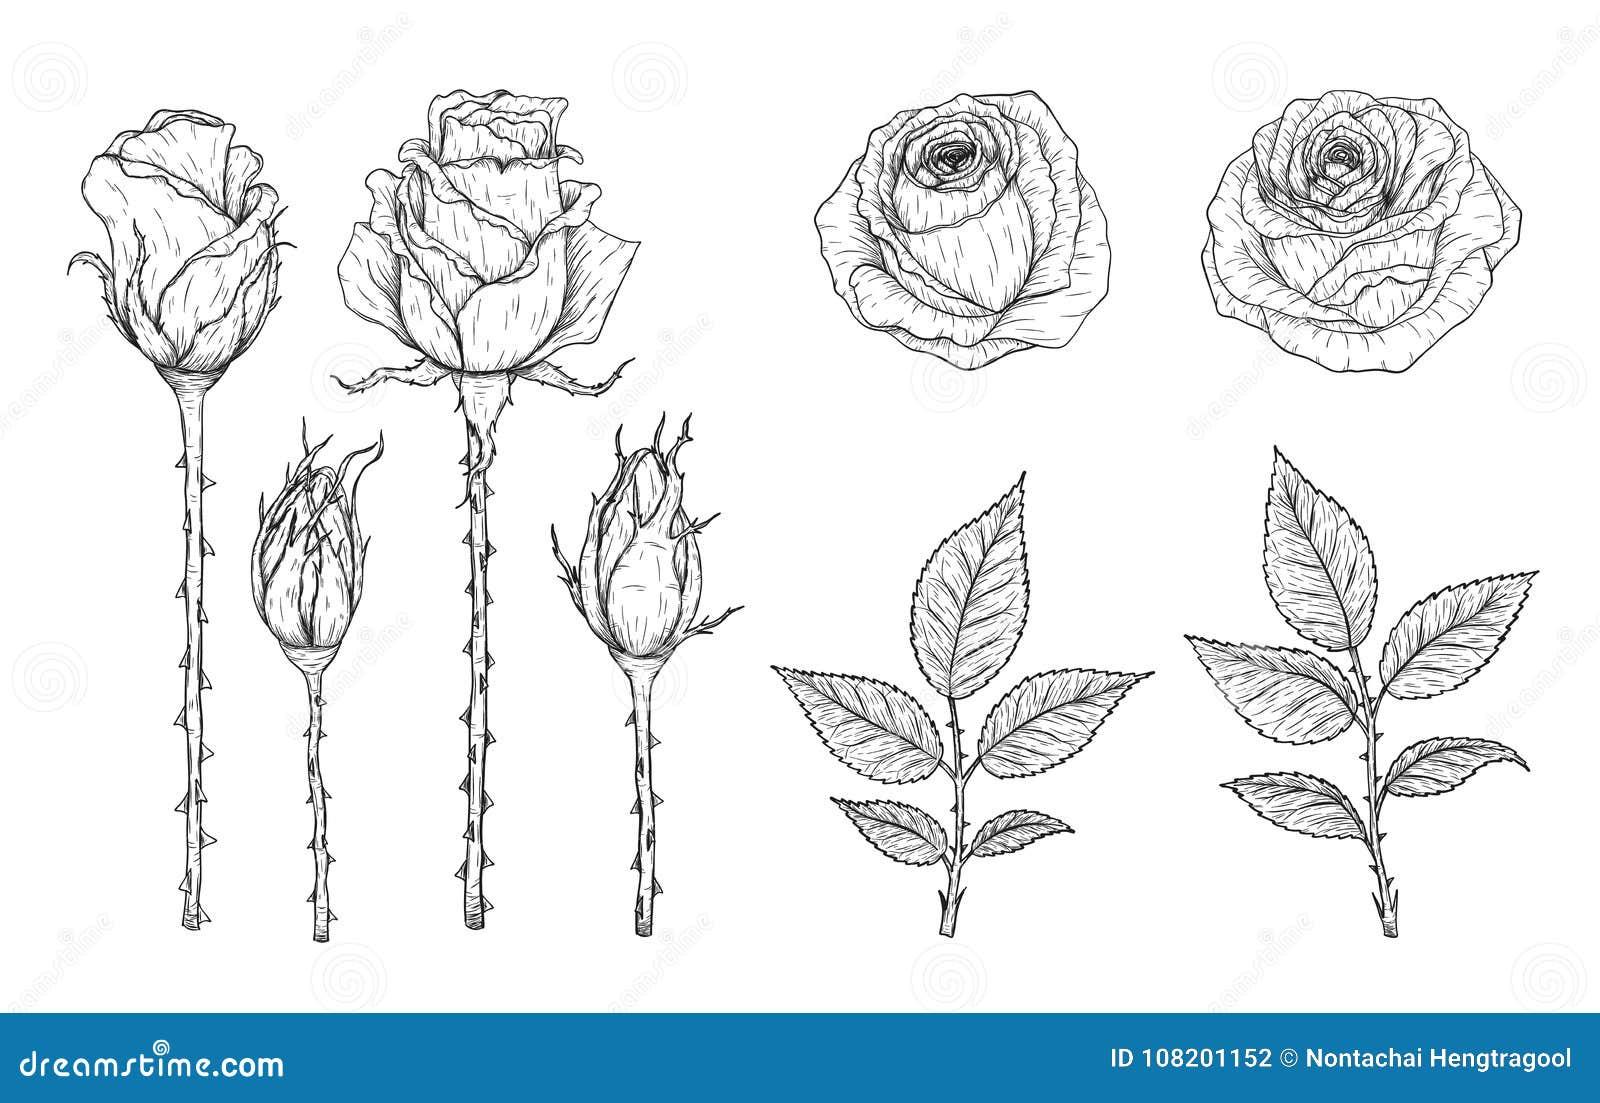 Vecteur De Rose Regle A La Main Dessin Illustration De Vecteur